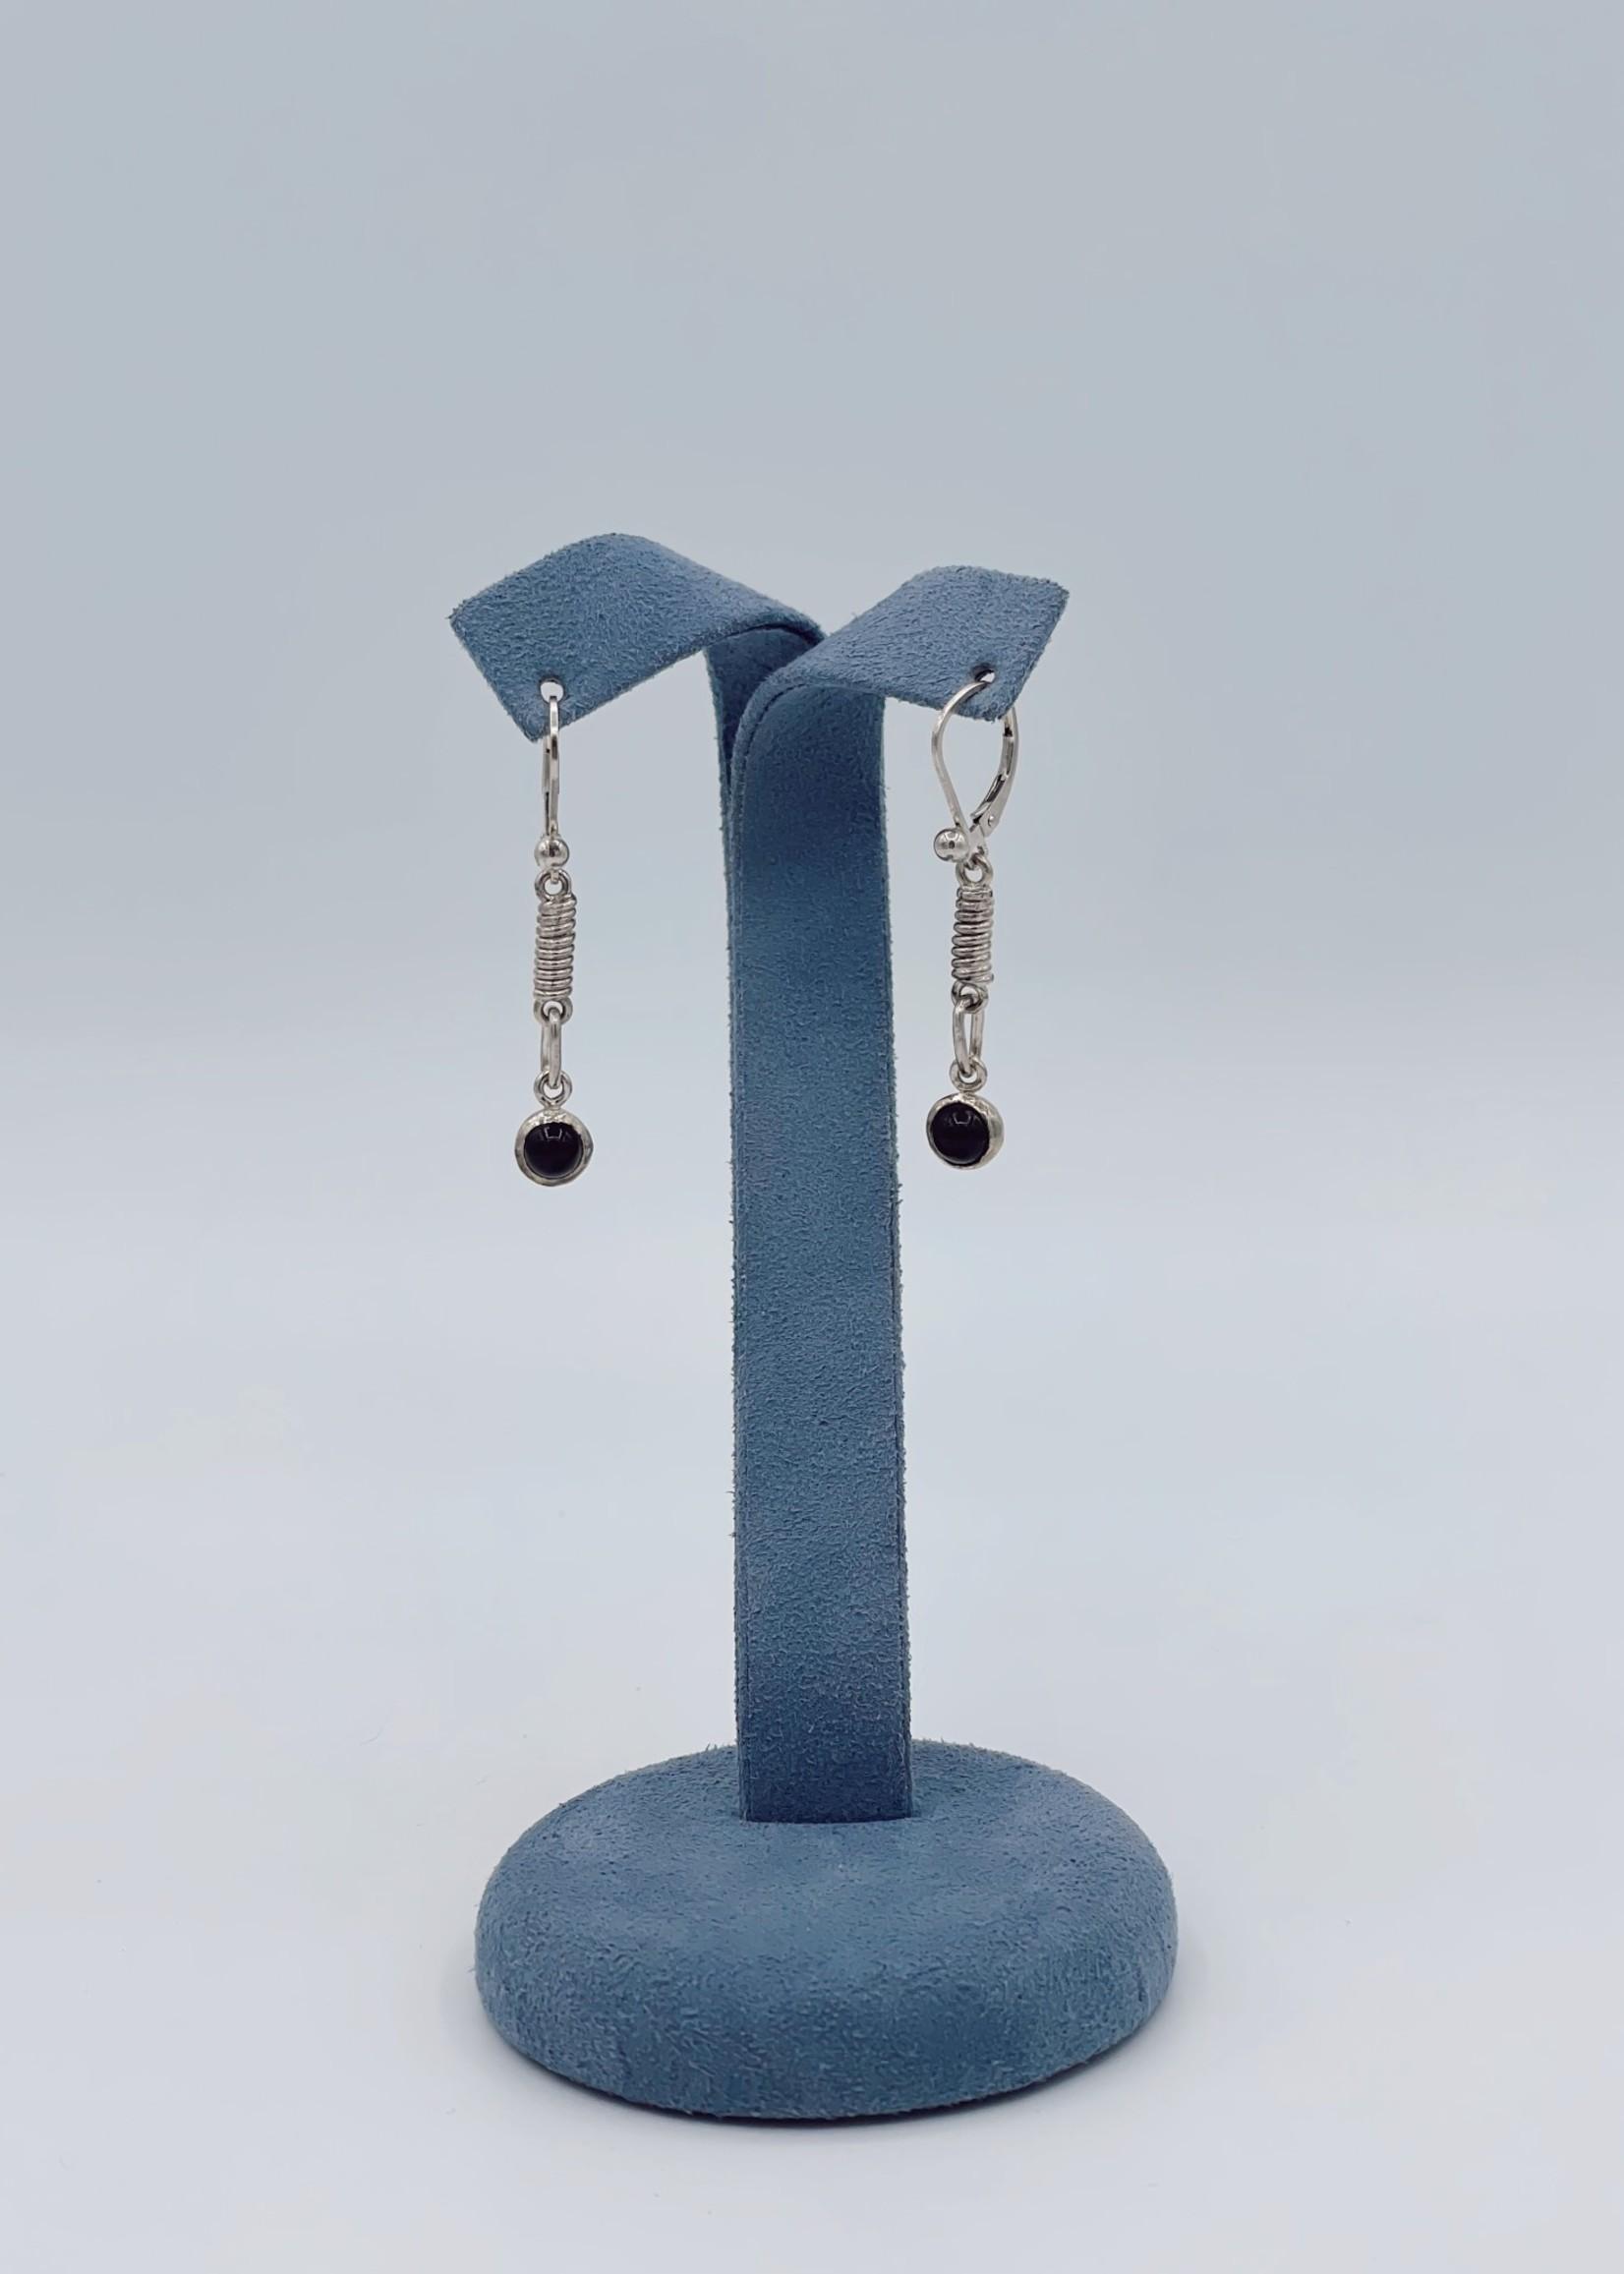 CJ Designs Black Onyx Earrings